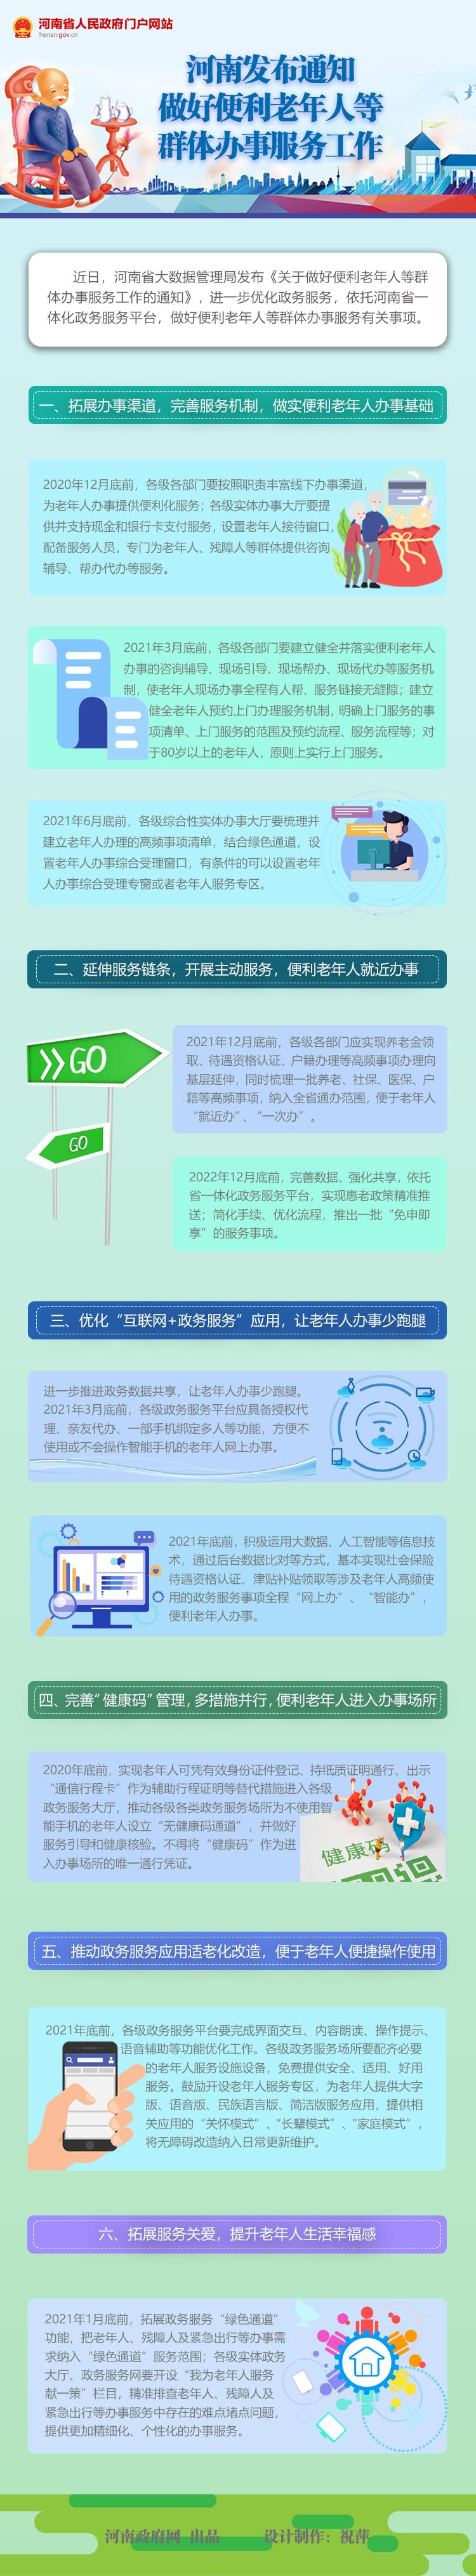 图解:河南发布通知 做好便利老年人等群体办事服务工作